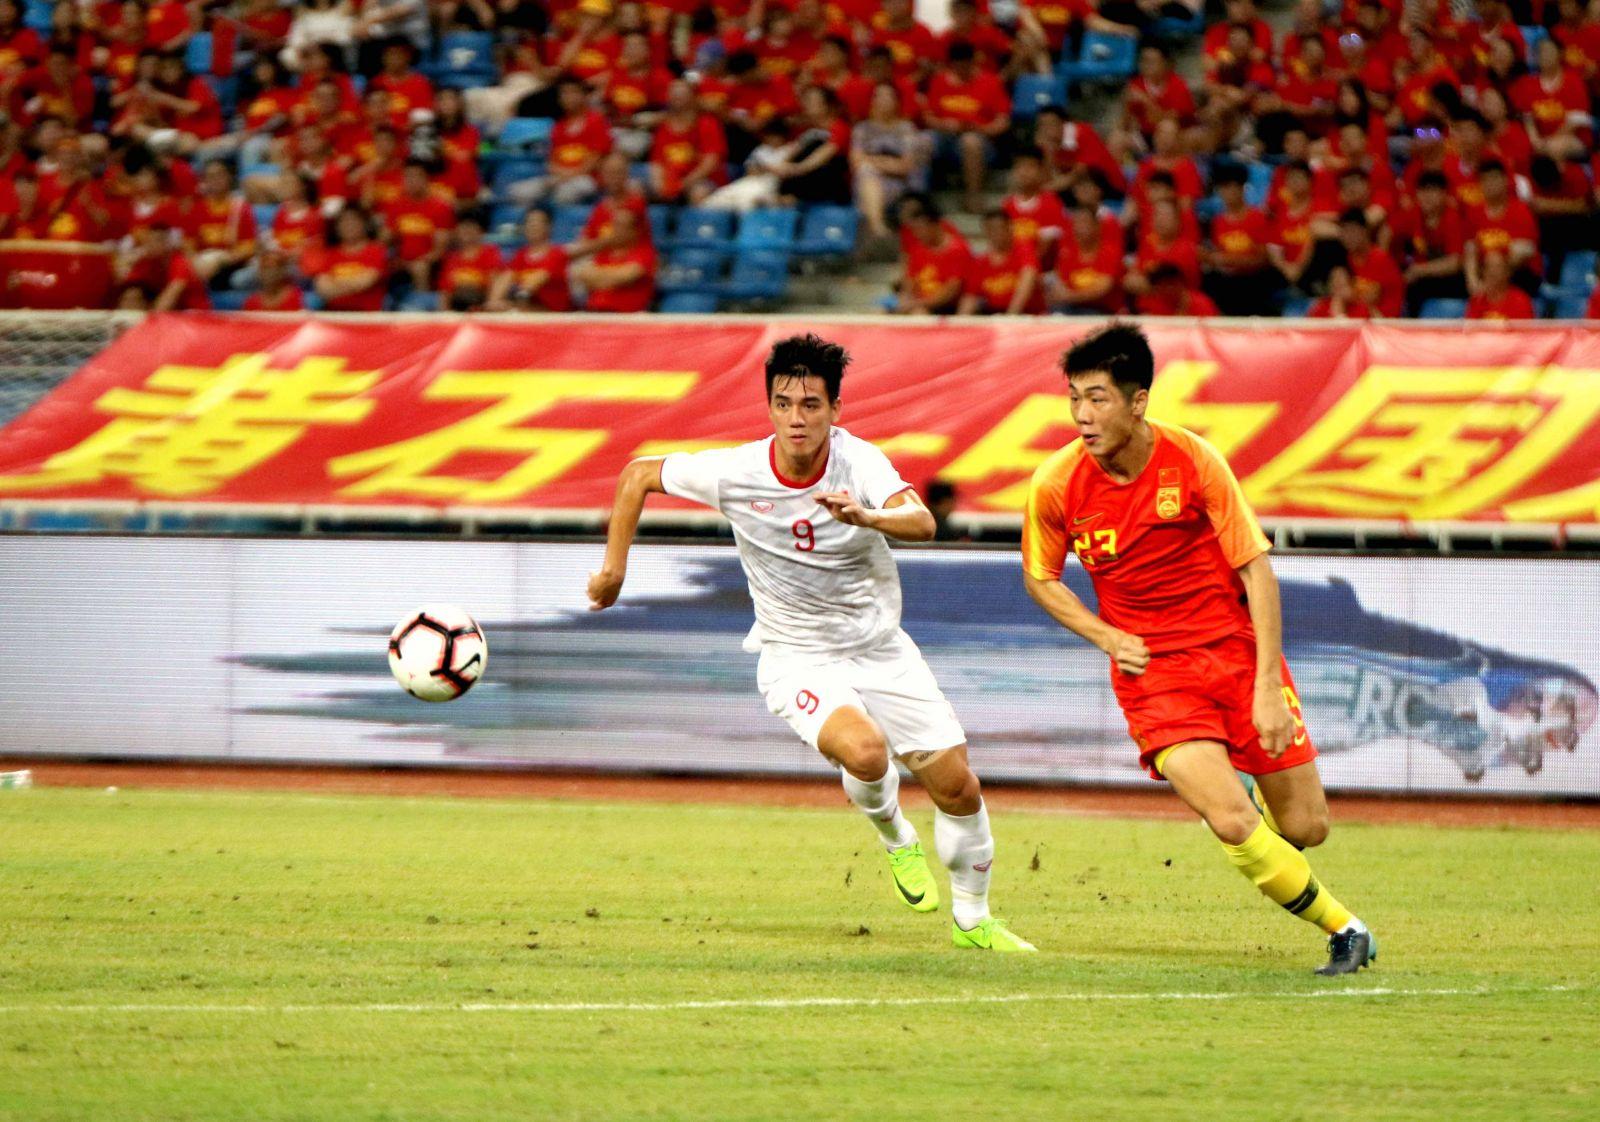 Cơ hội chiến thắng cho tuyển Việt Nam